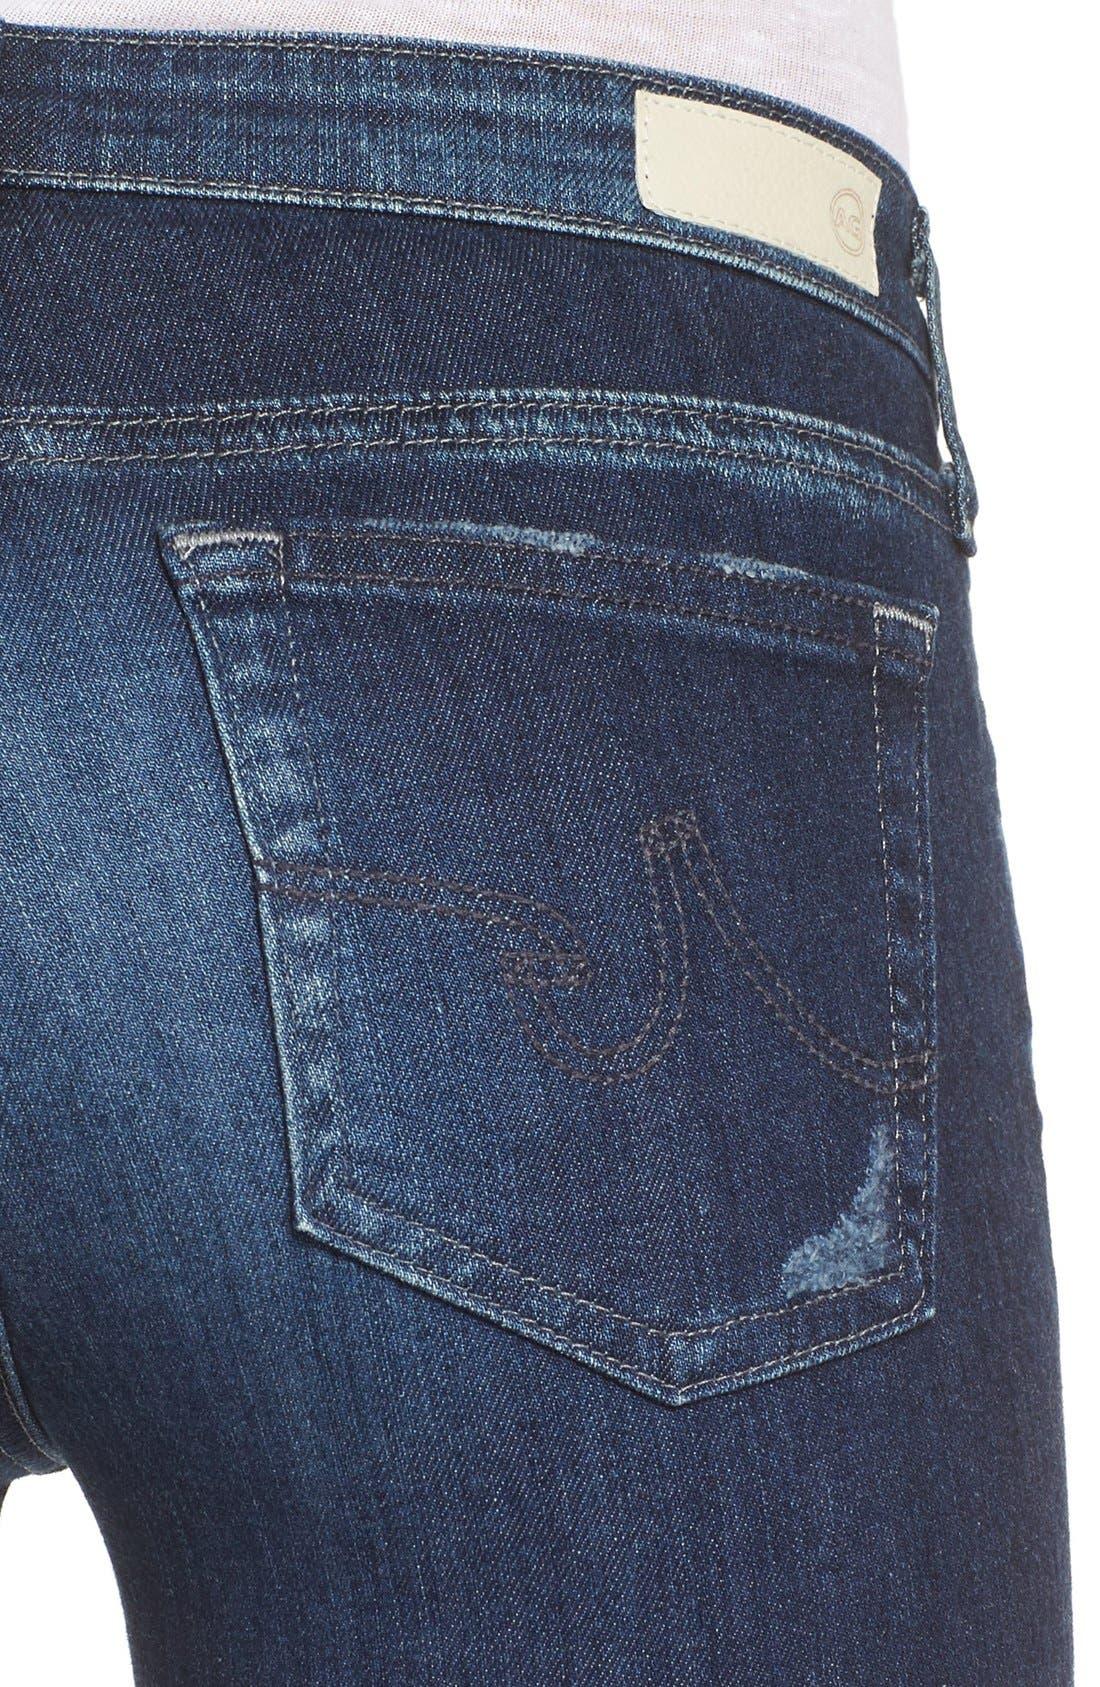 Alternate Image 4  - AG 'The Stilt' Cigarette Leg Jeans (7 Year Ripped)